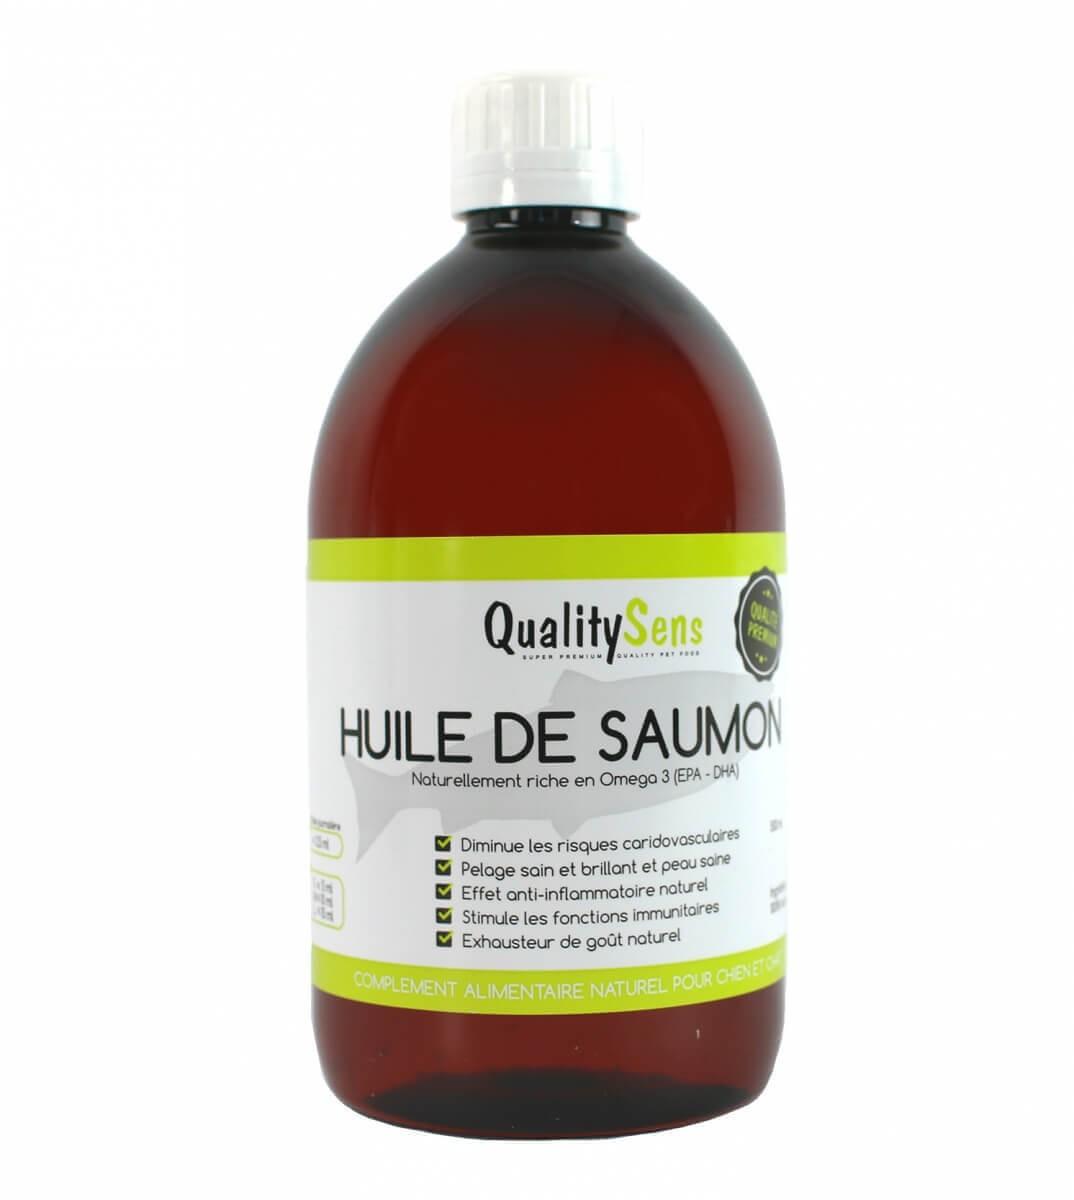 Huile de saumon premium QUALITY SENS_0